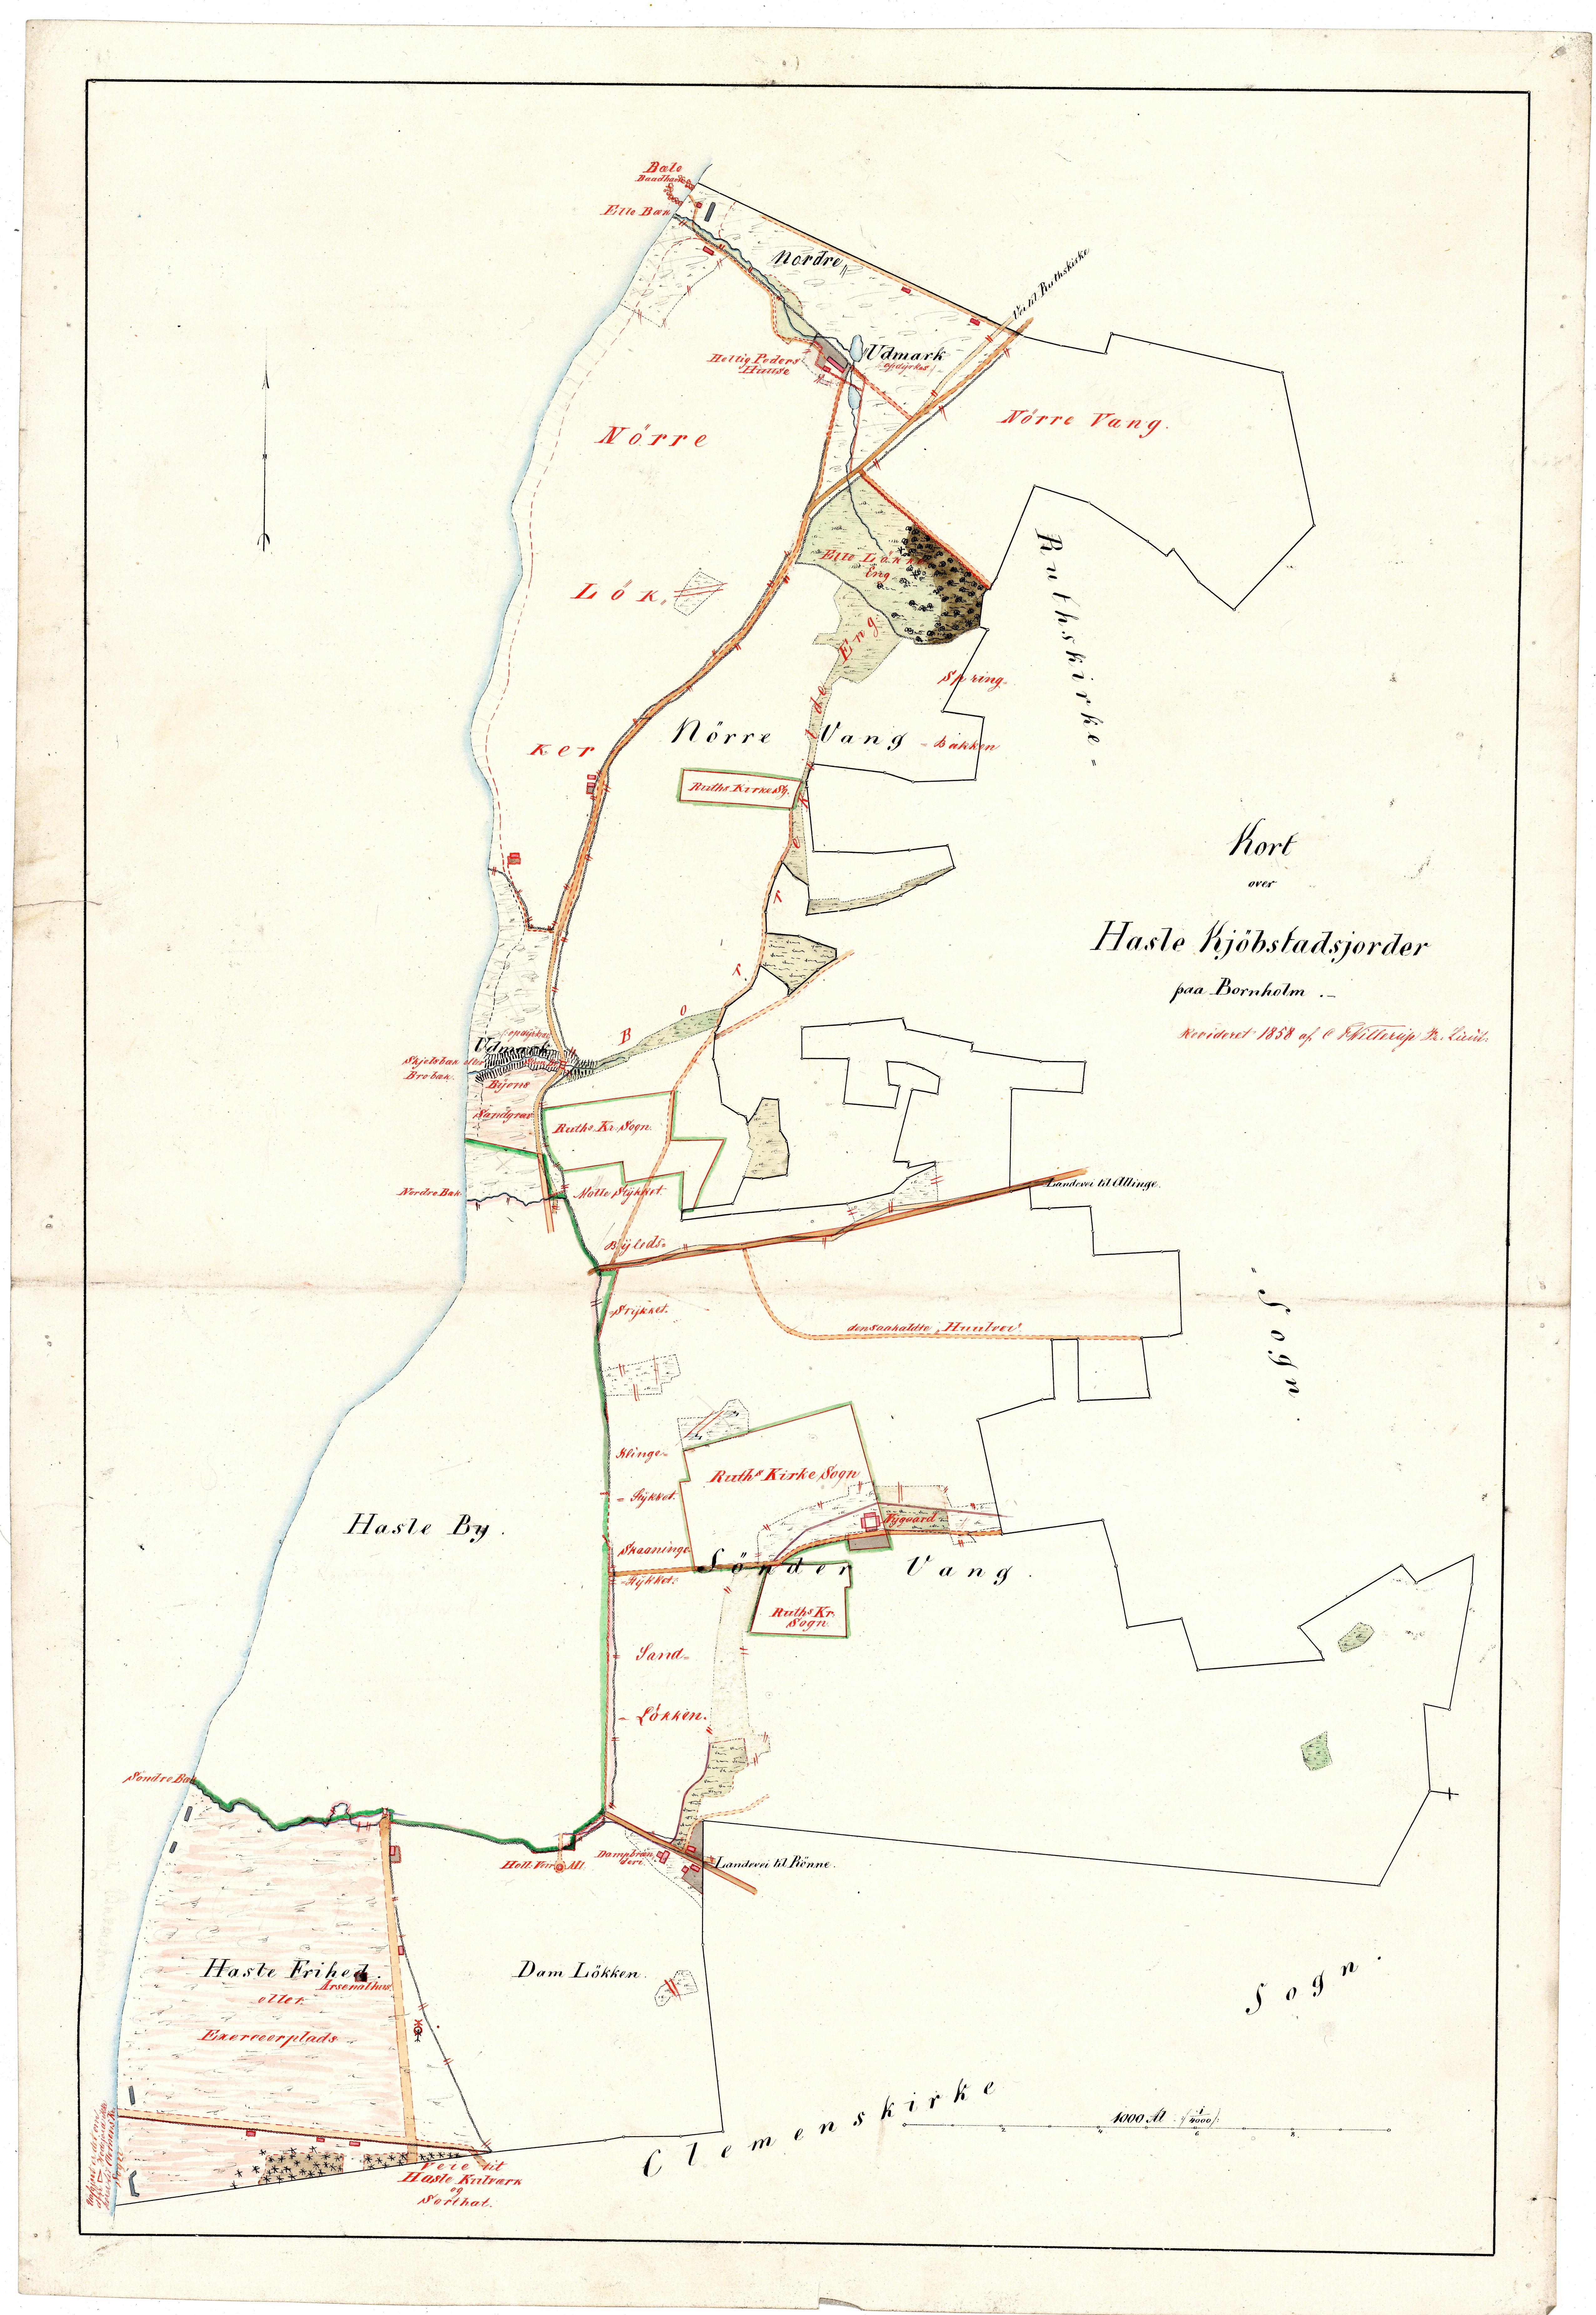 C.F.Willerups opmåling af Hasle købstads jorder 1858